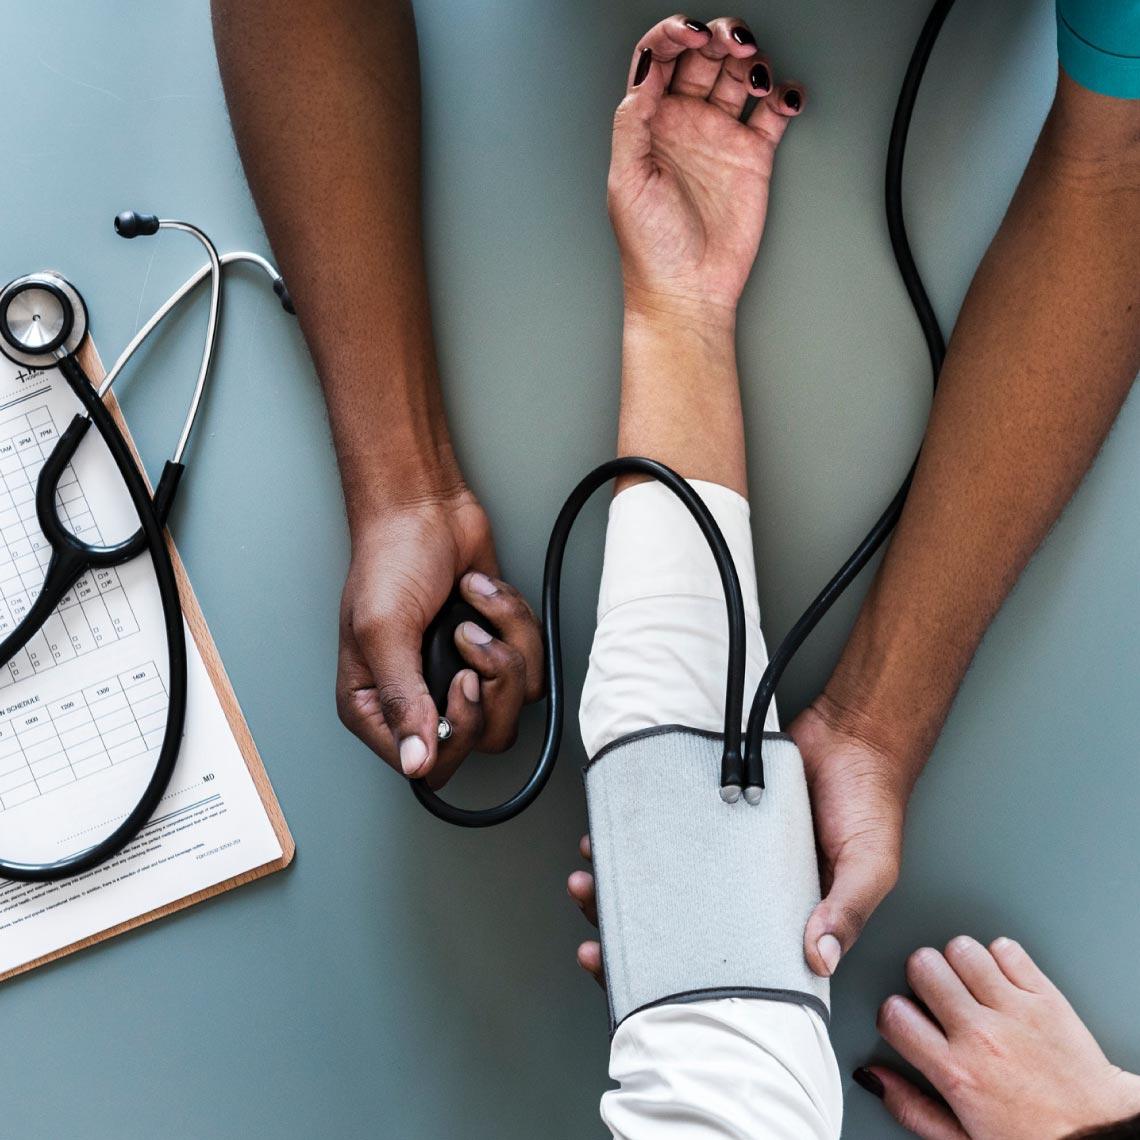 5 עובדות שלא ידעתם על ביטוח בריאות - סוכן ביטוח בריאות טד בר